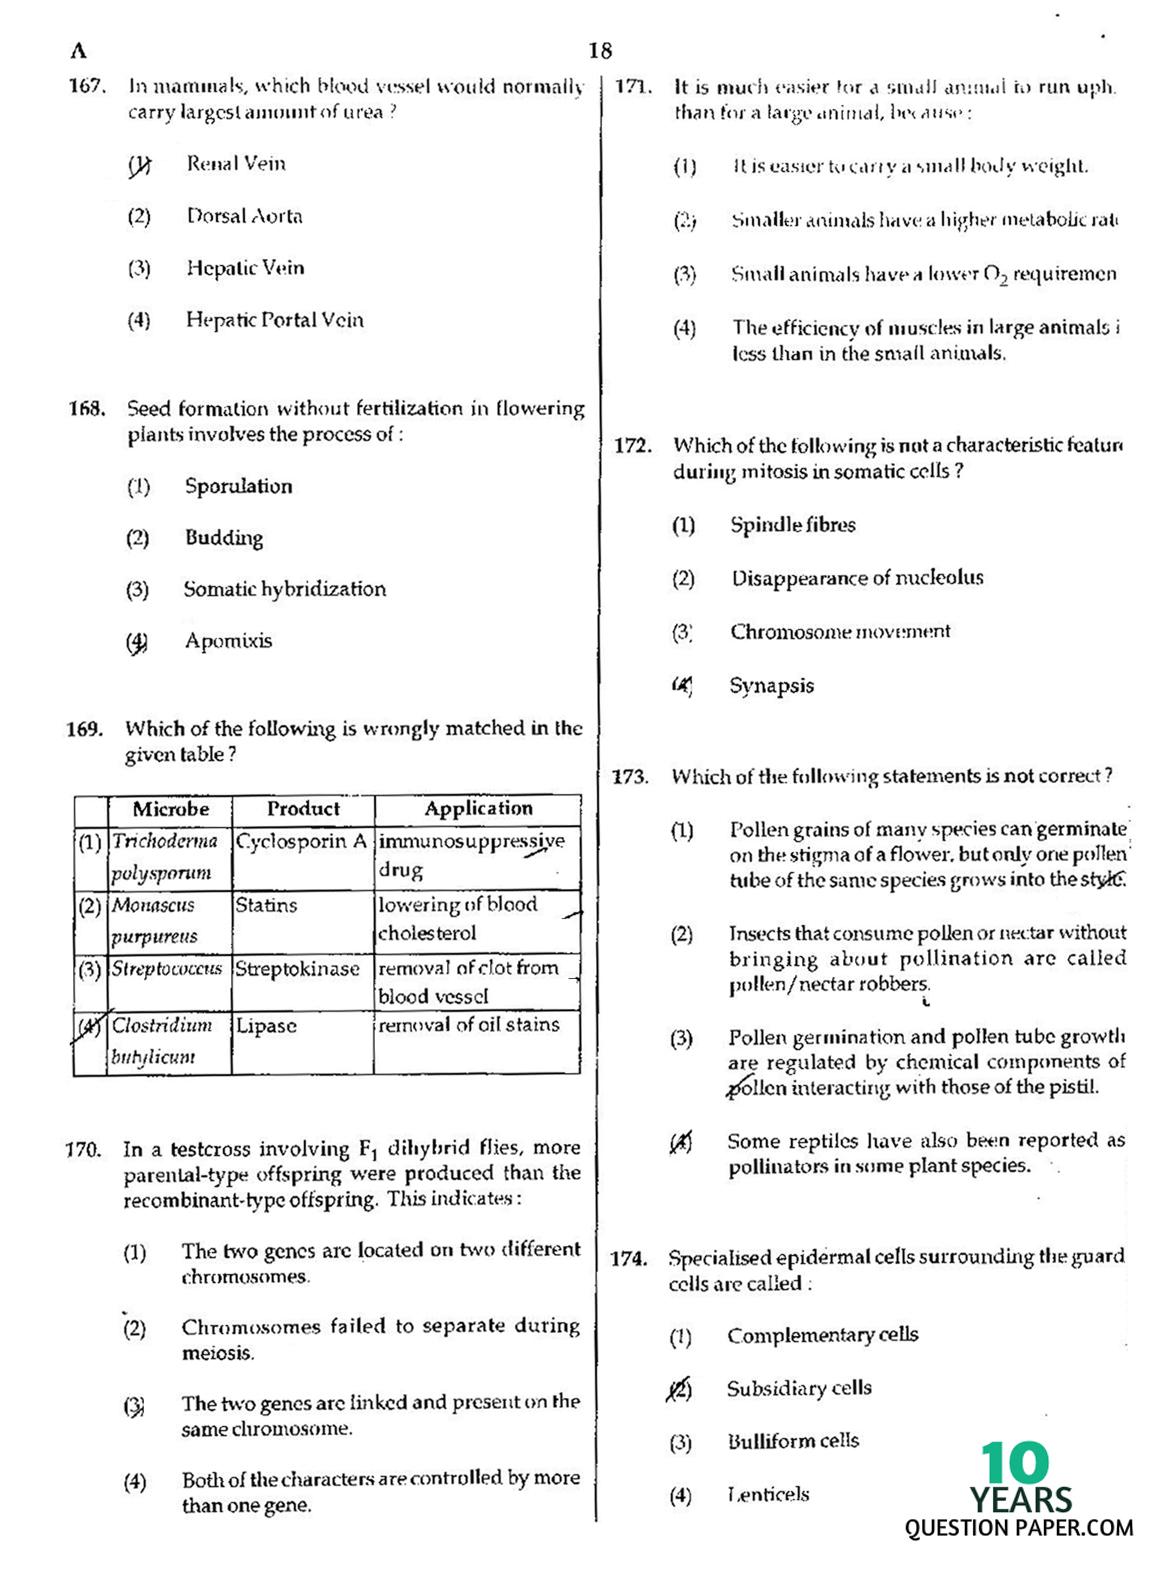 CBSE NEET 2016 question paper